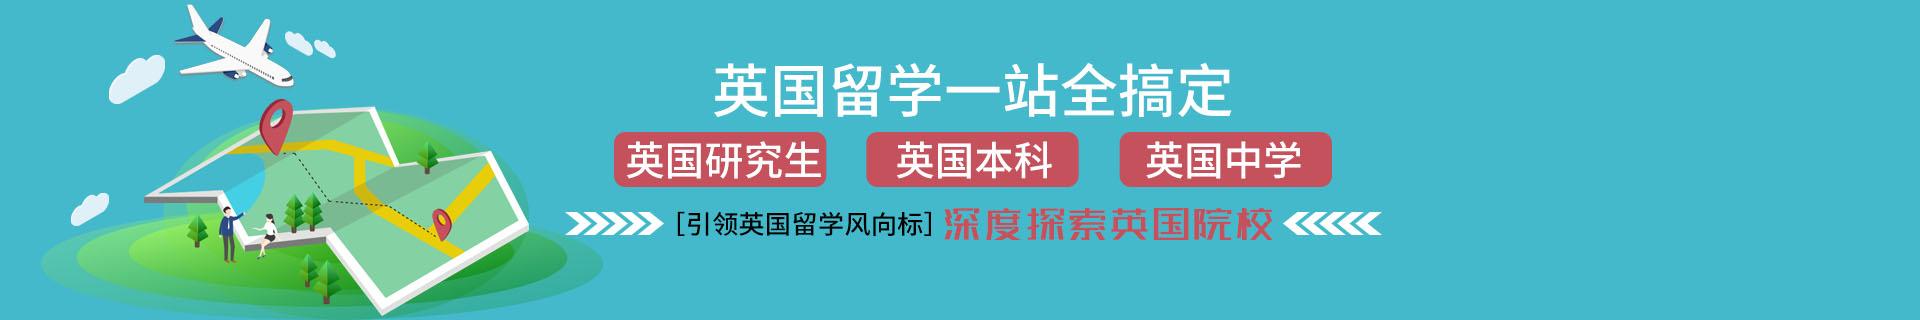 杭州上城区美世教育留学机构